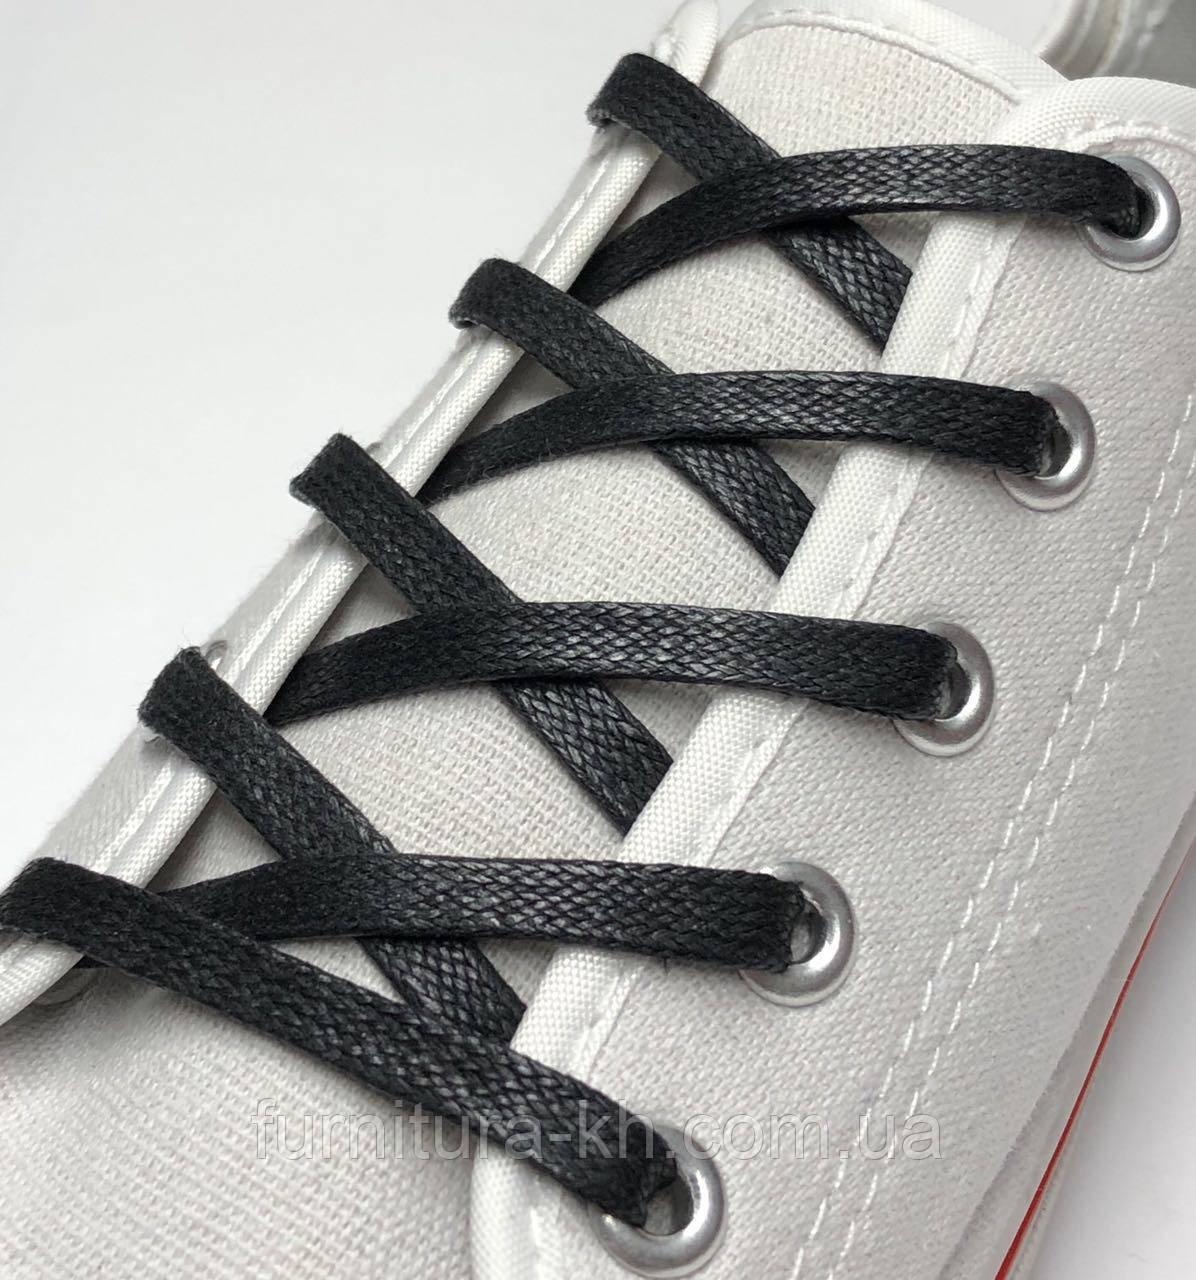 Шнурки для Обуви 200 см. Плоская Пропитка (5 мм) Цвет Черный